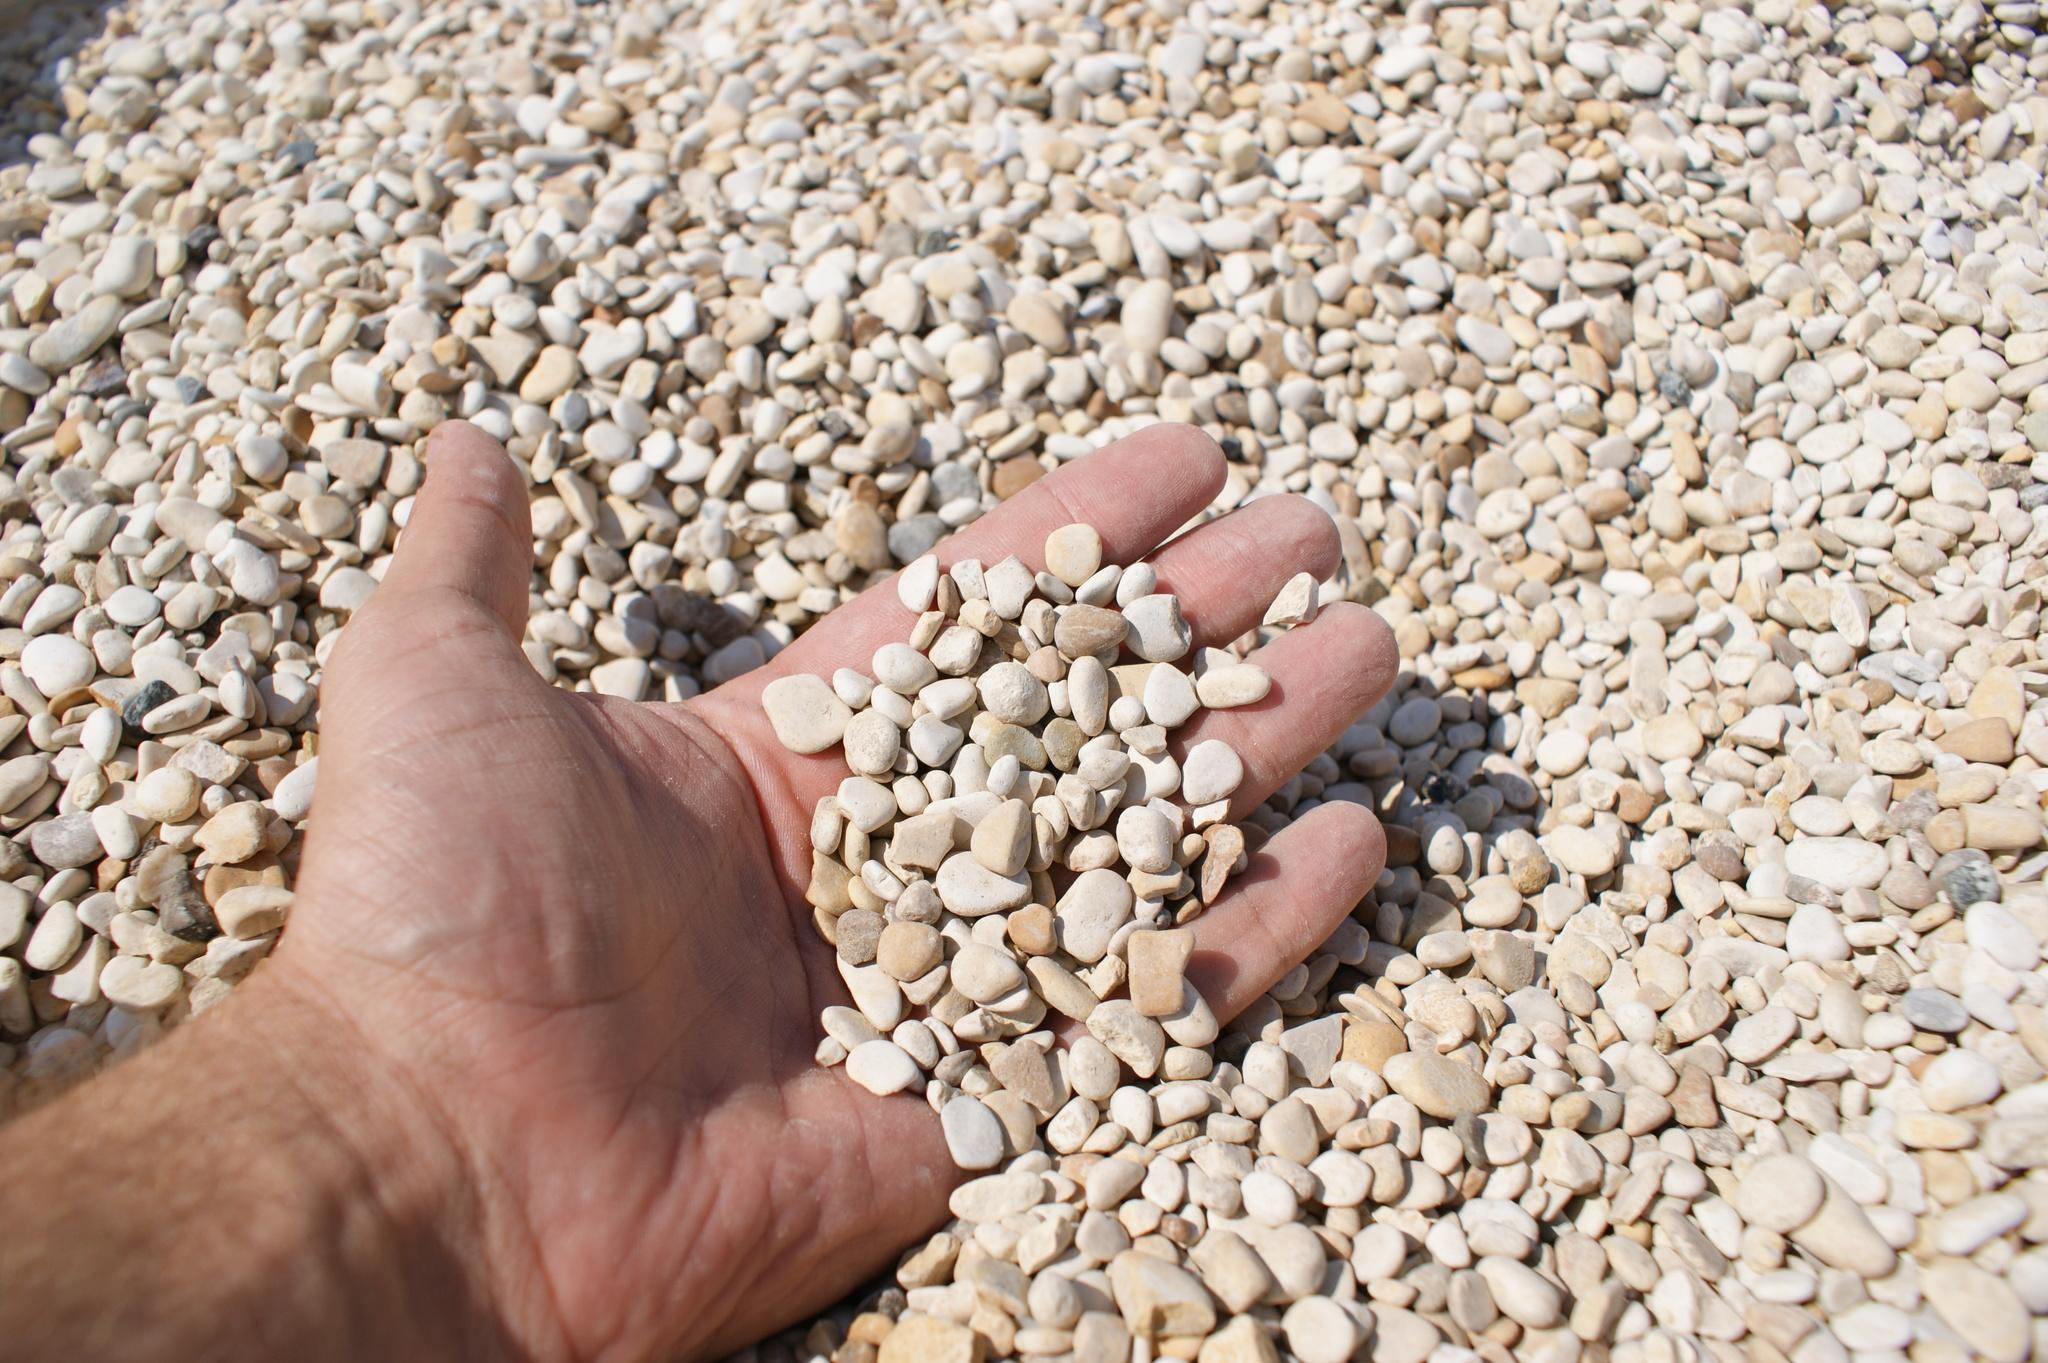 Галька камень морской Каспийский образец в руке 5-10мм